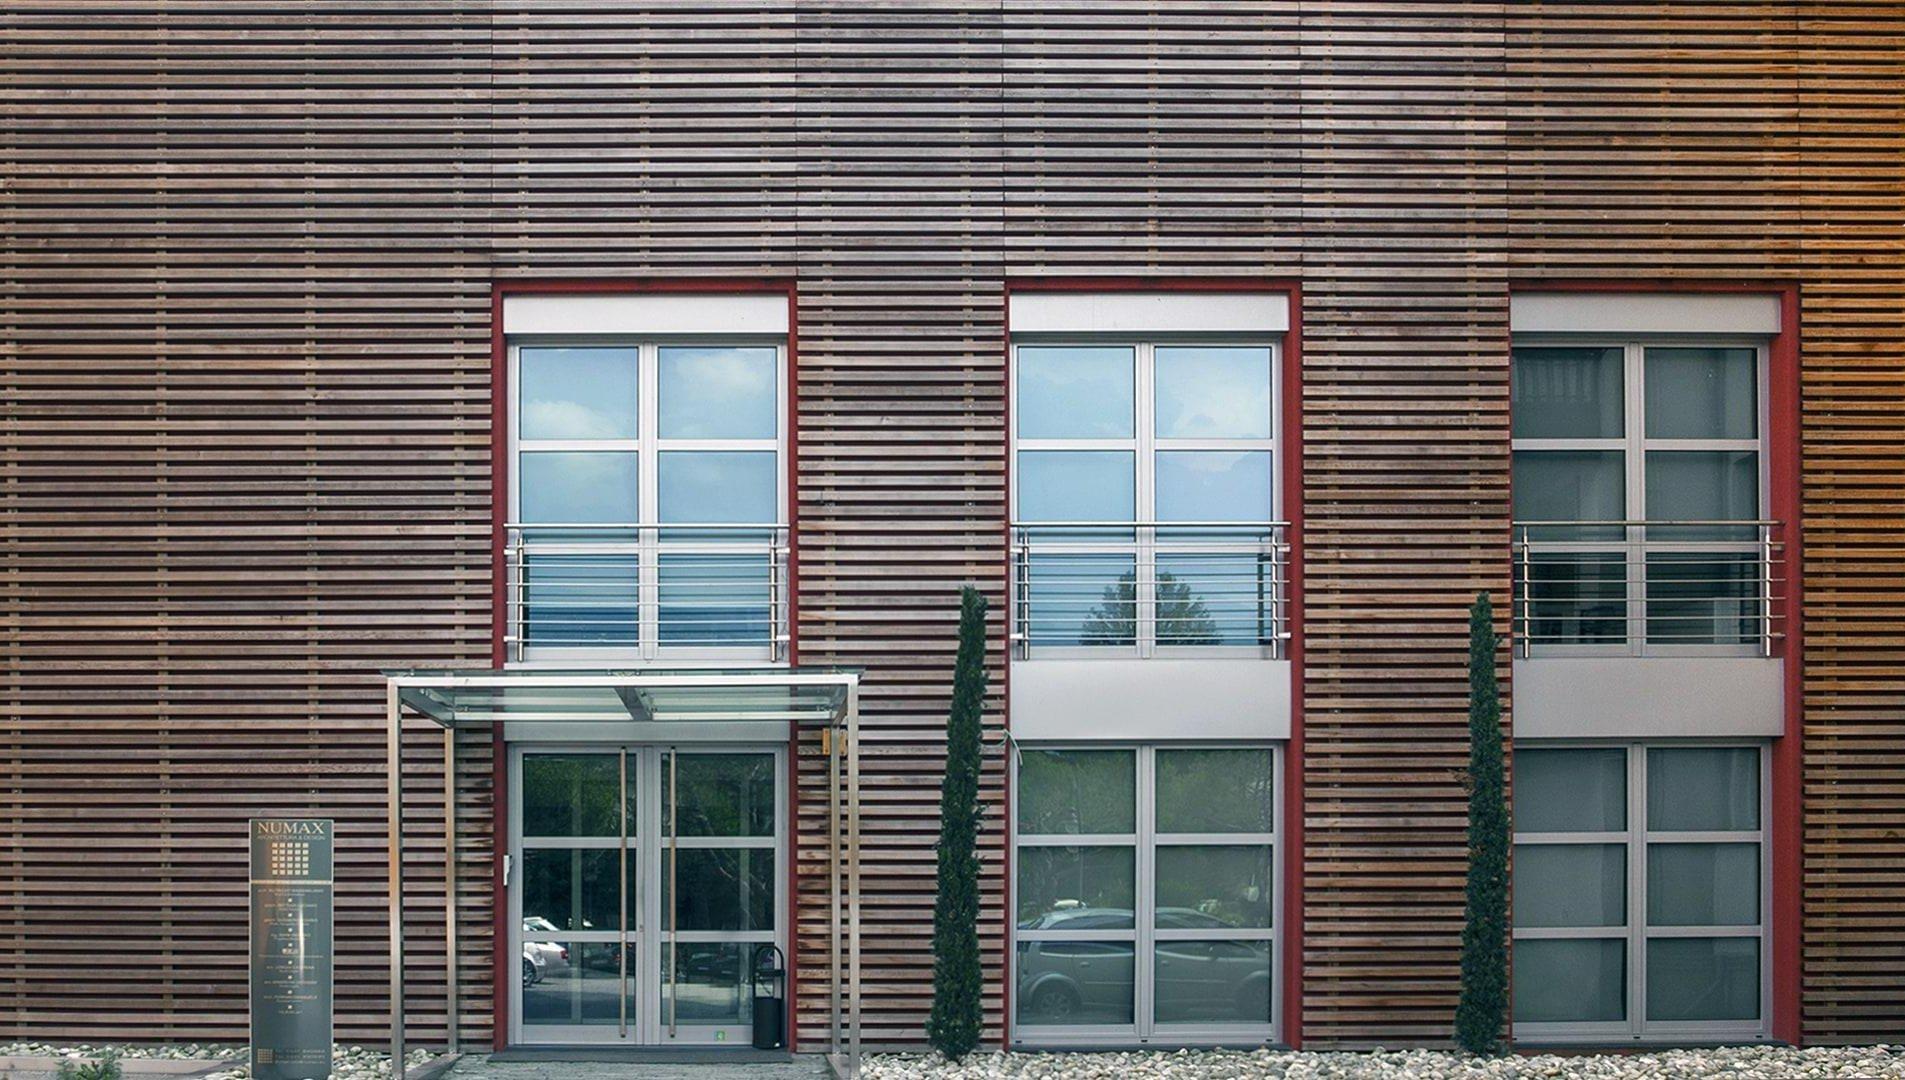 Studio di Architettura: Immagine